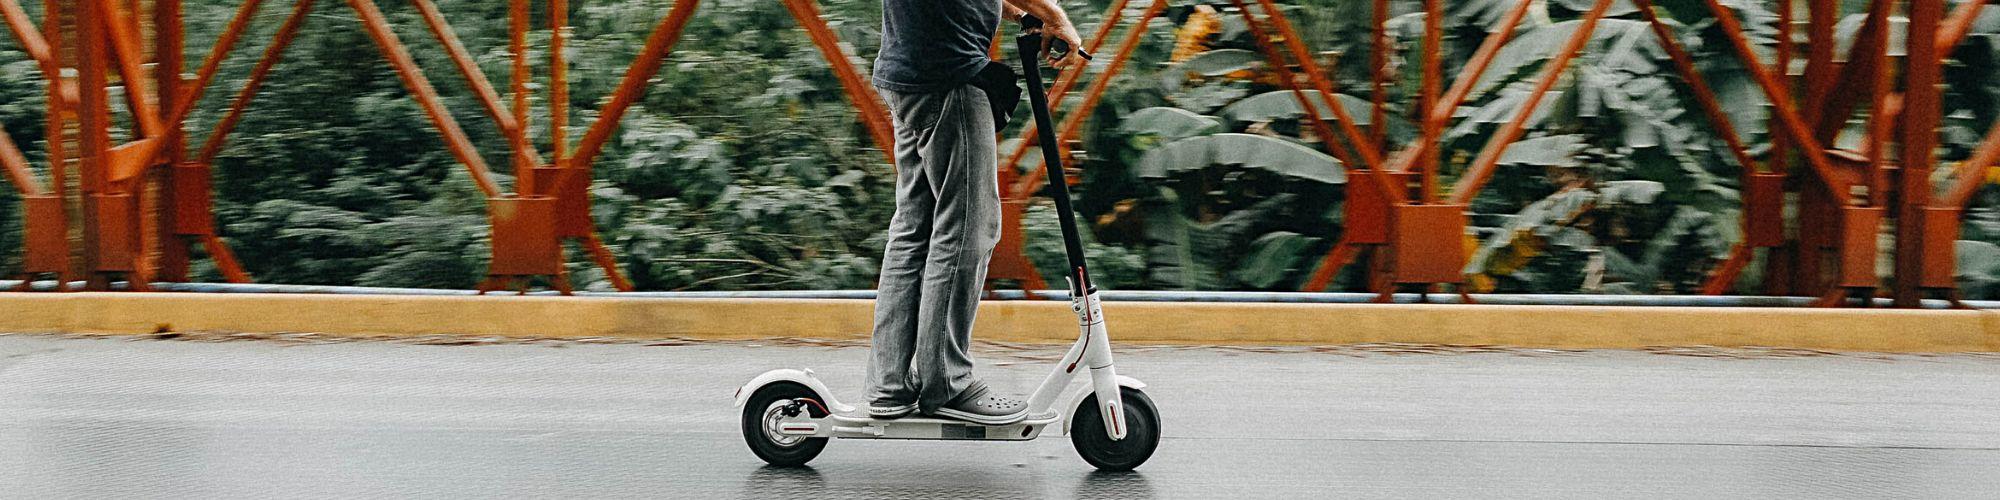 Hombre sobre un scooter para contratar seguro coche